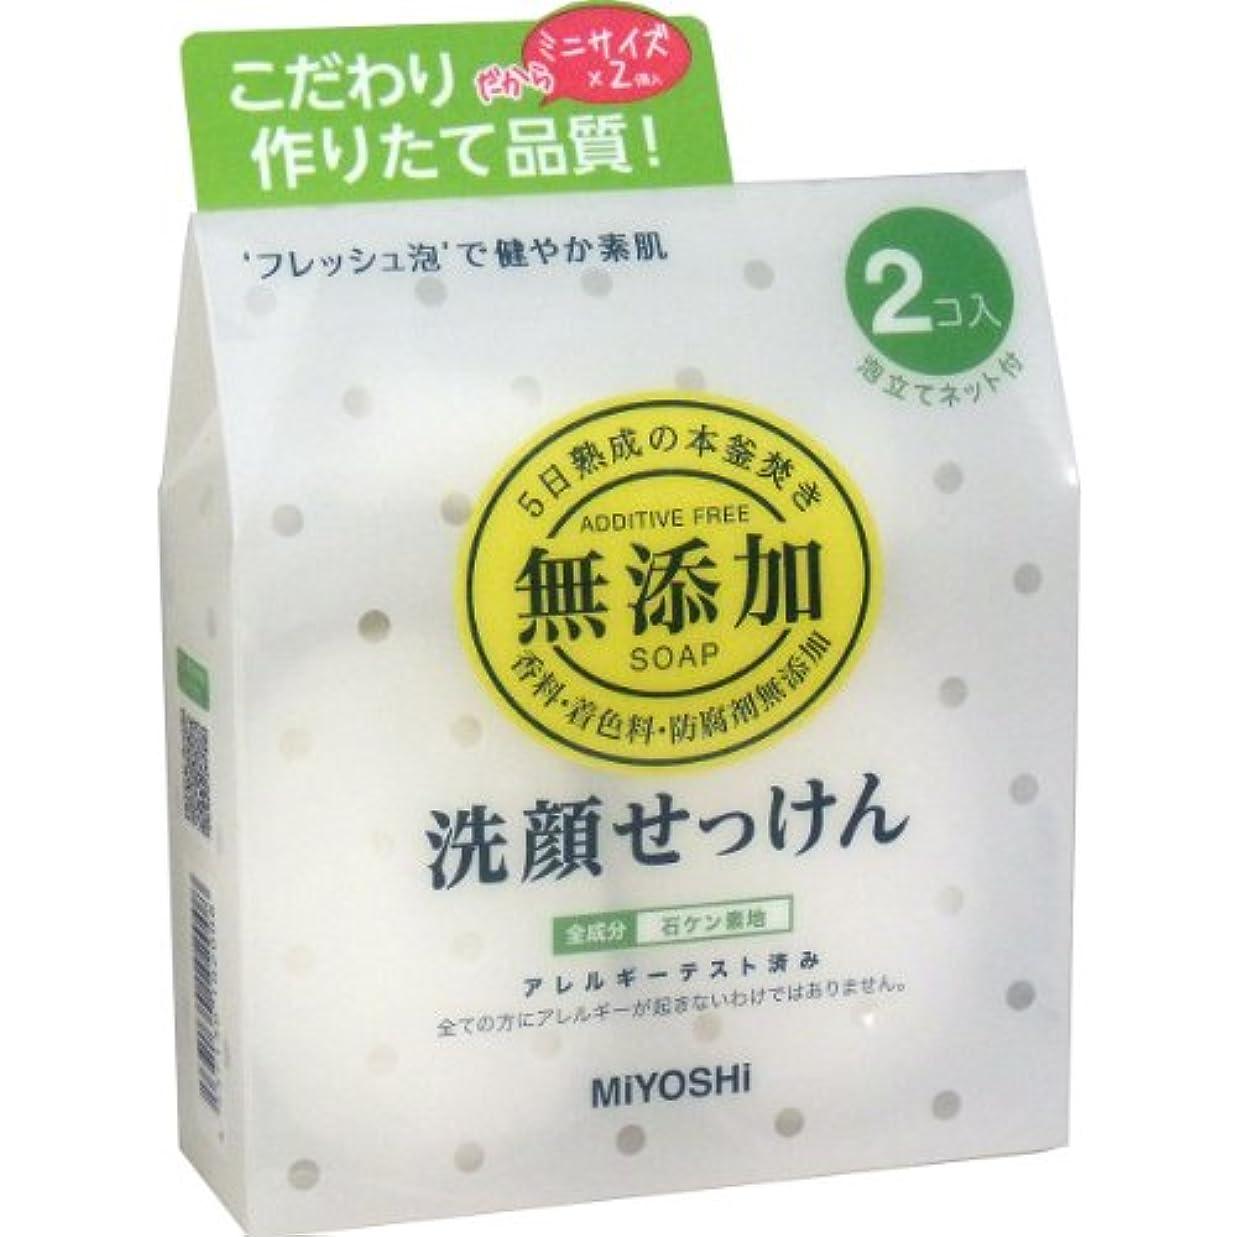 ビジュアルジャムリハーサルミヨシ石鹸 無添加洗顔せっけん2個入 80g